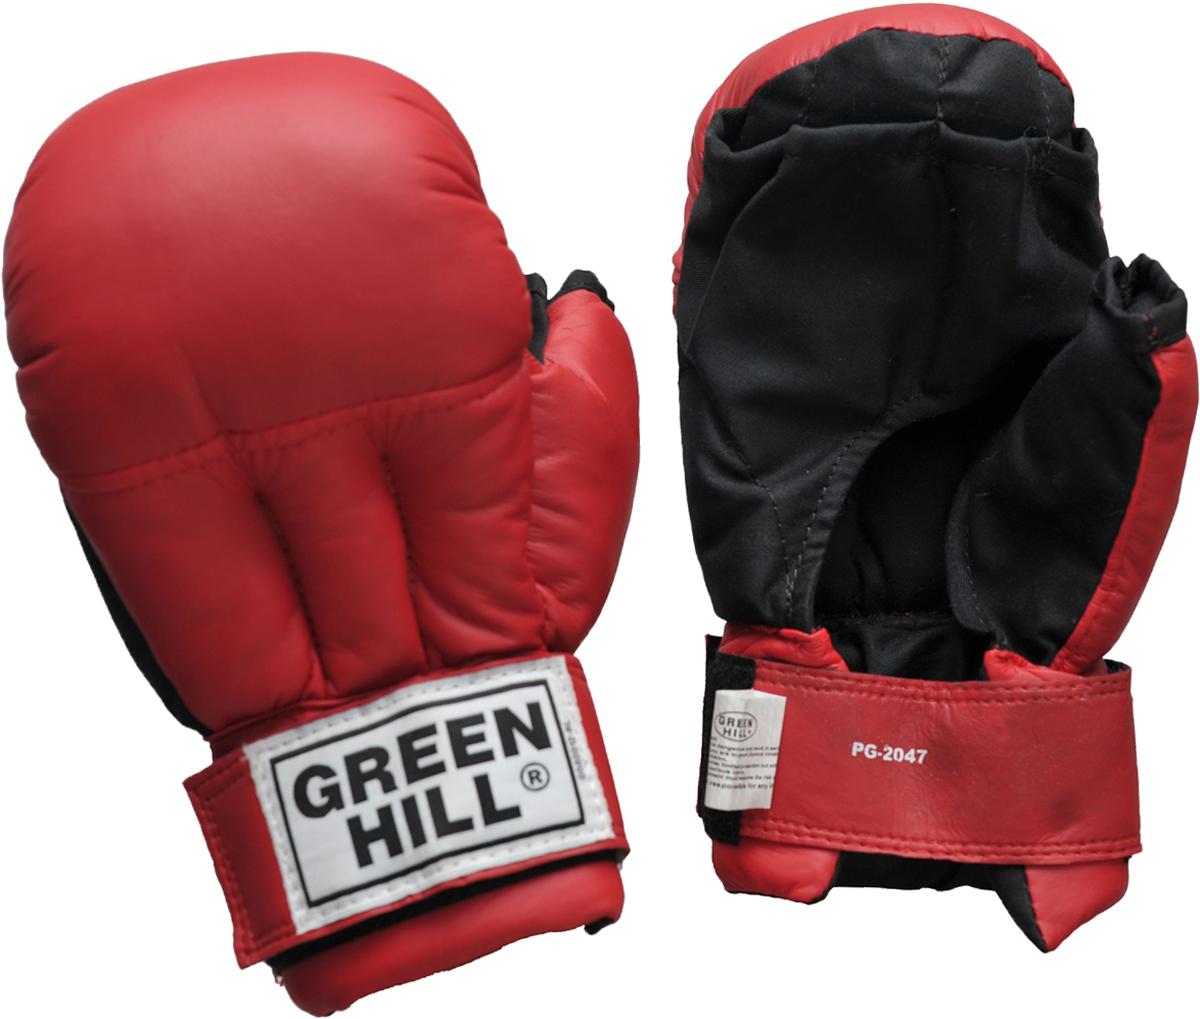 Перчатки для рукопашного боя Green Hill, цвет: красный. PG-2047. Размер XLPG-2047Перчатки для рукопашного боя Green Hill произведены из высококачественной искусственной кожи. Подойдут для занятий смешанными единоборствами. Конструкция предусматривает открытые пальцы - необходимый атрибут для проведения захватов. Манжеты на липучках позволяют быстро снимать и надевать перчатки без каких-либо неудобств.